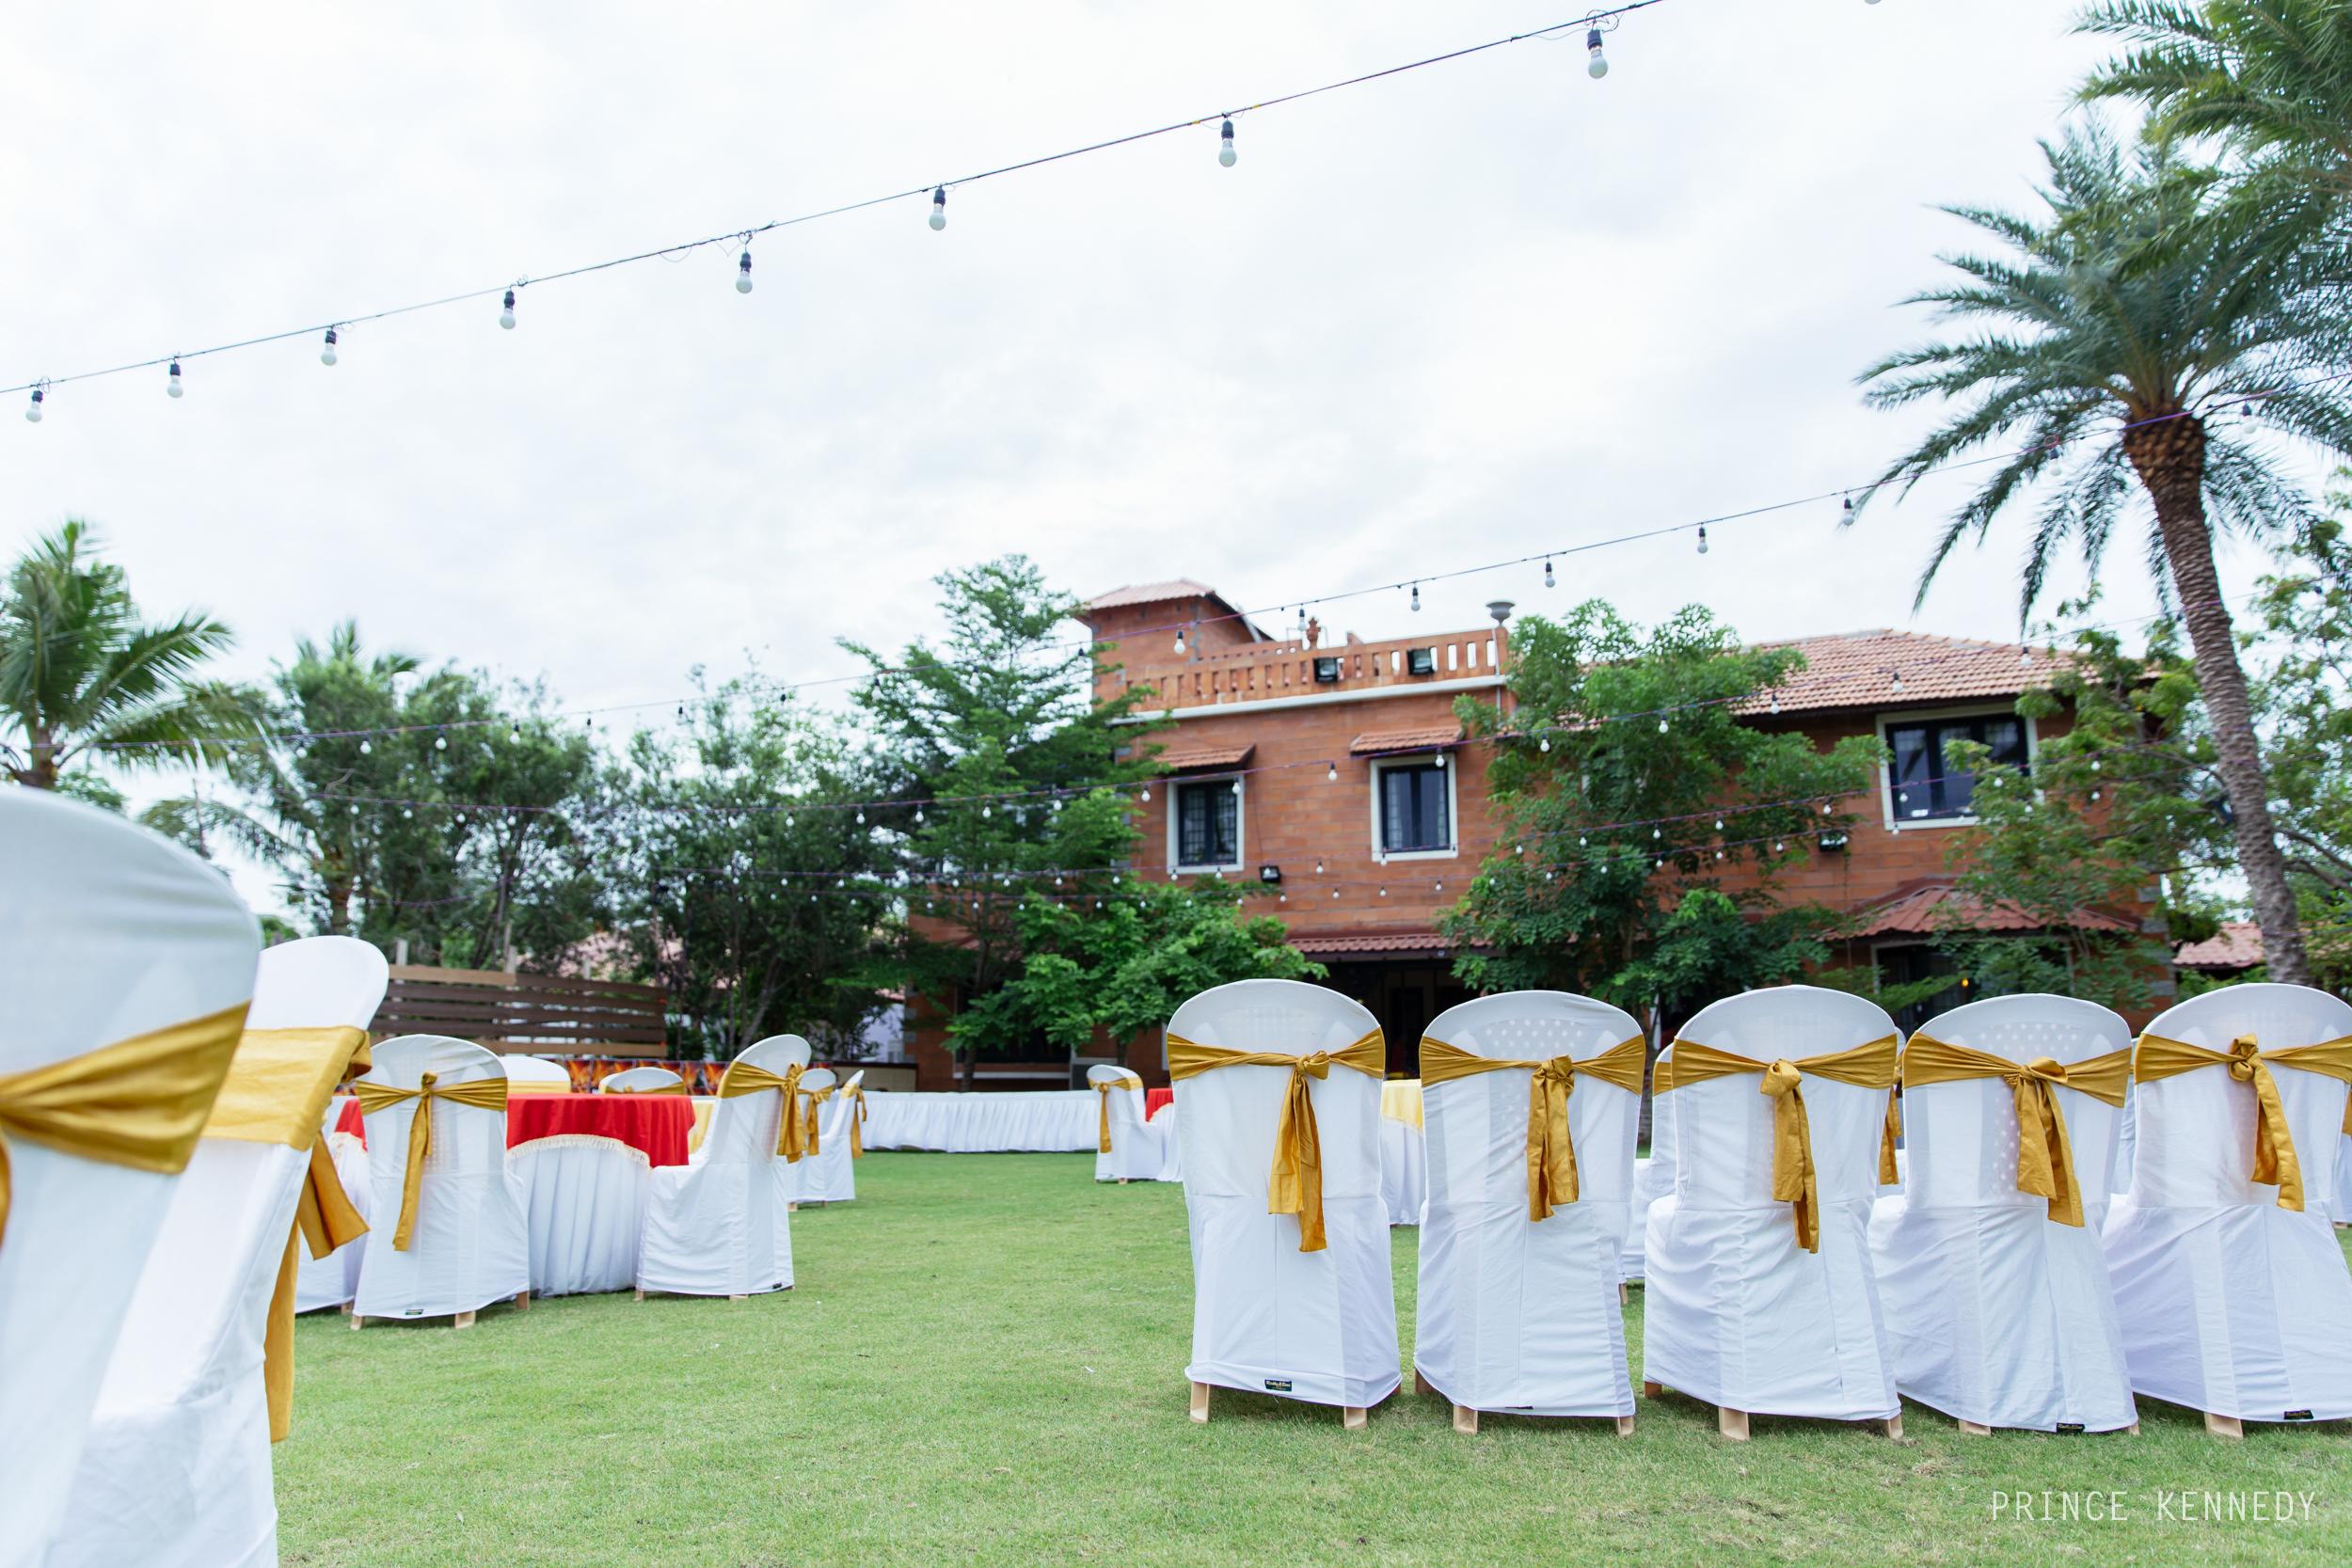 Engagement-Couple-Portrait-Portraiture-Wedding-Couple-Portrait-Chennai-Photographer-Candid-Photography-Destination-Best-Prince-Kennedy-Photography-74.jpg